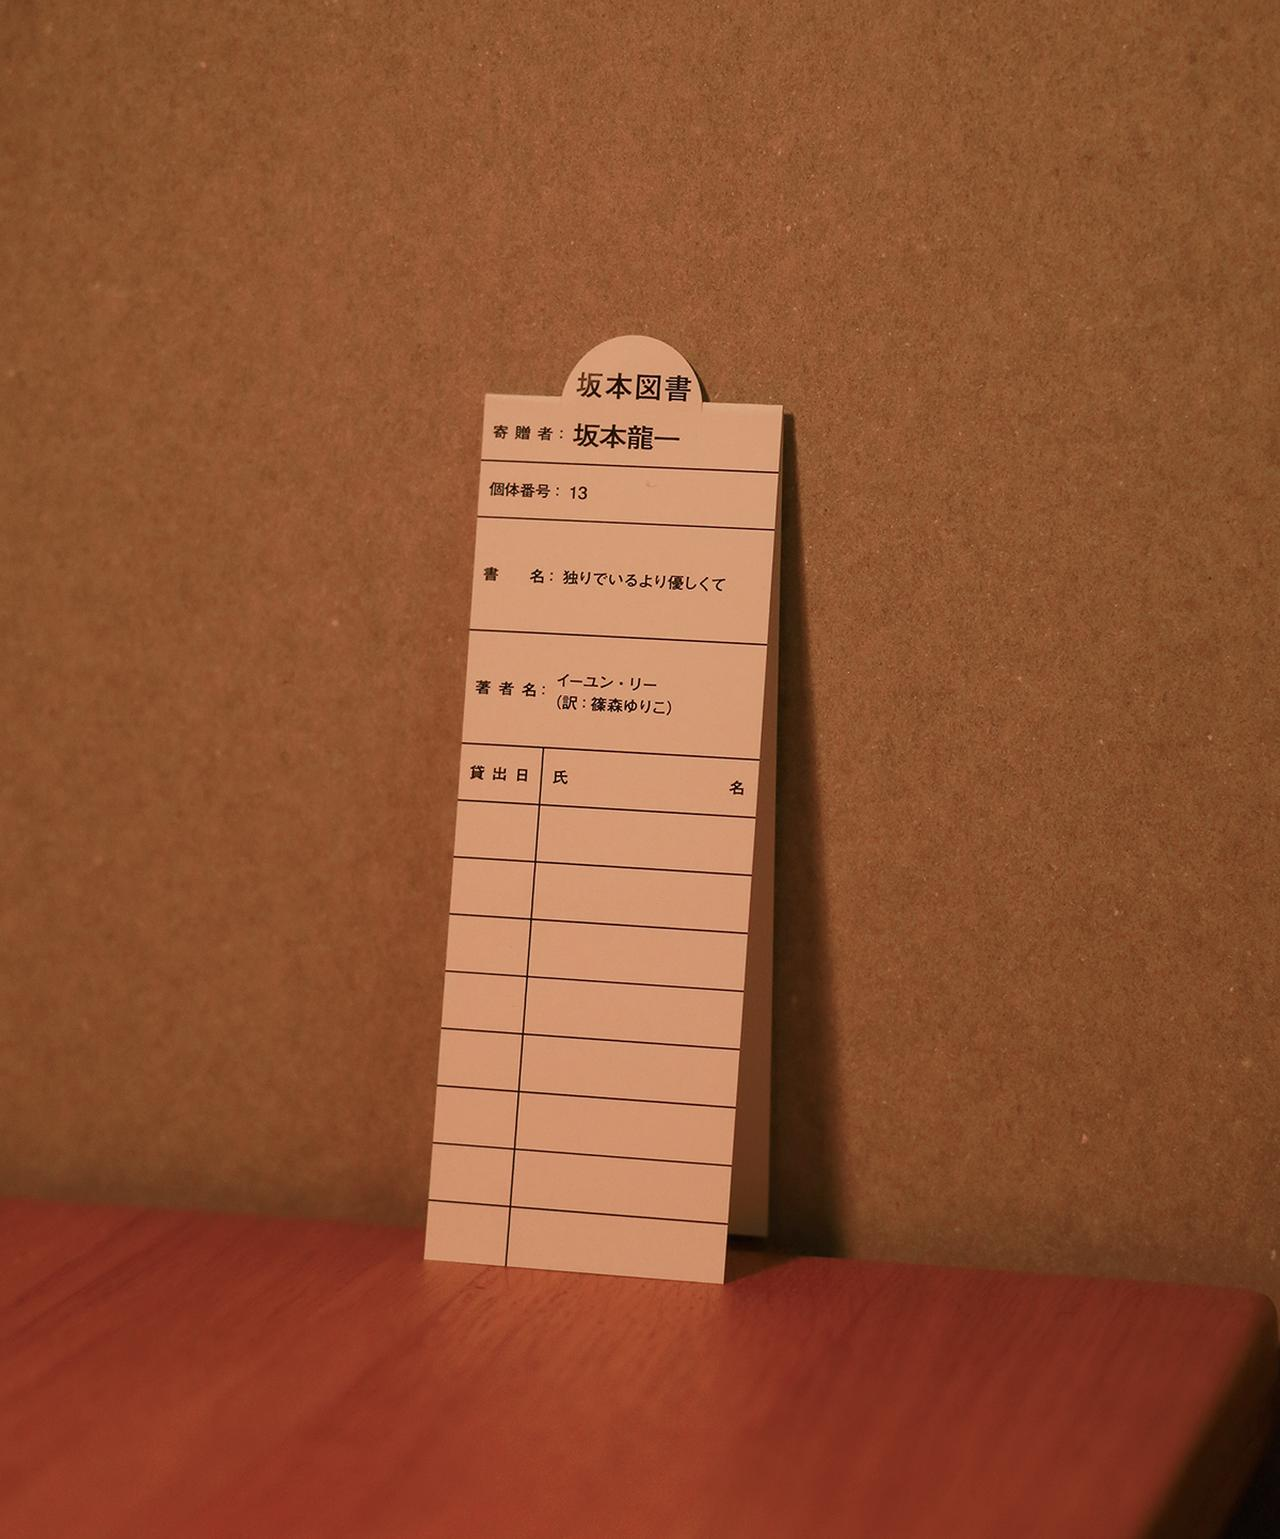 Images : 1番目の画像 - 「坂本龍一、本の可能性を語る。 「本はパフォーマンスかもしれない」」のアルバム - T JAPAN:The New York Times Style Magazine 公式サイト